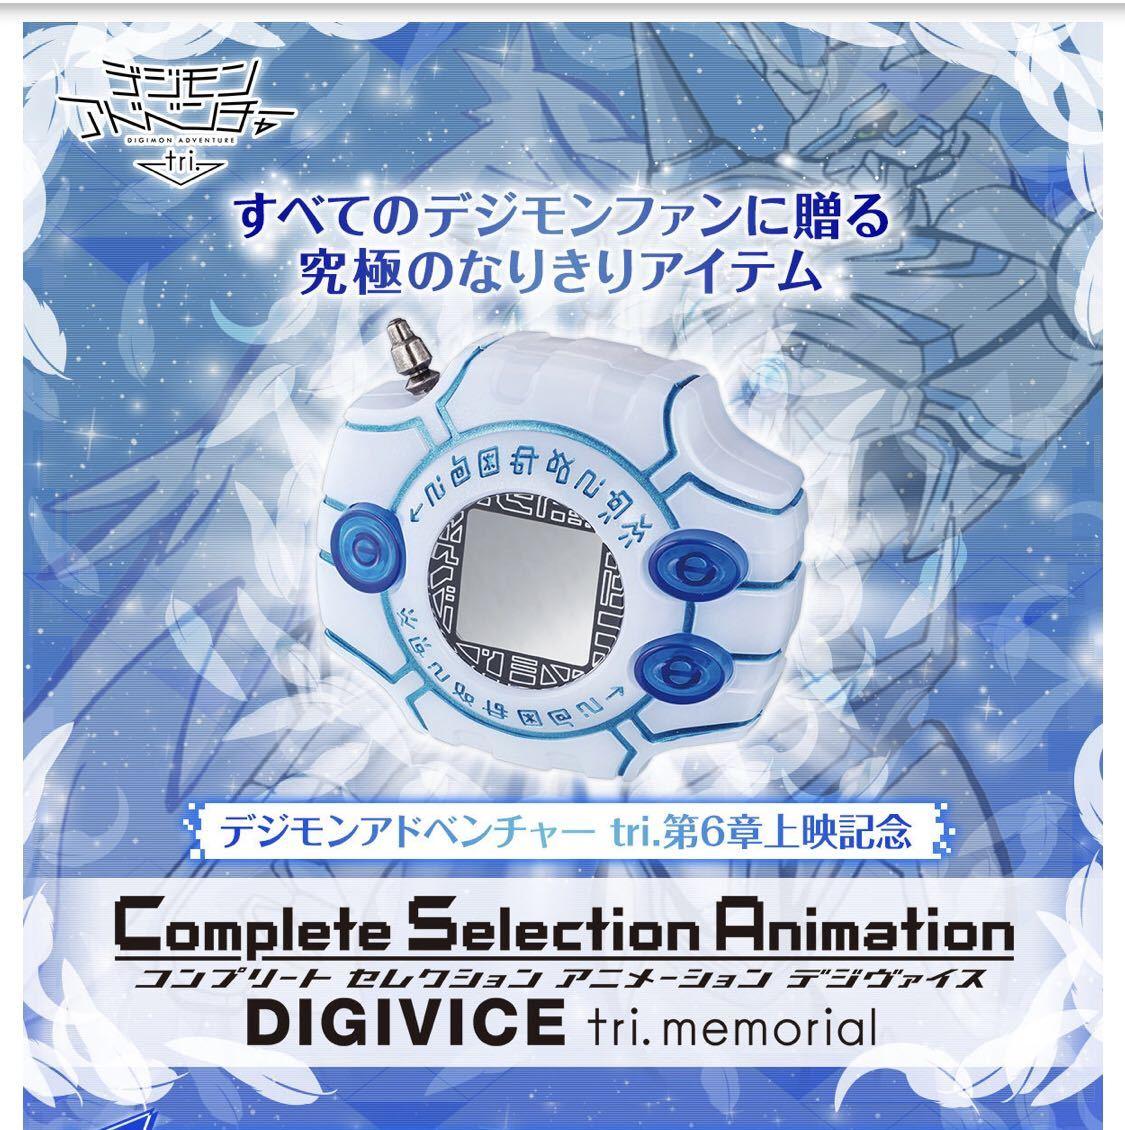 デジモン Complete Selection Animation デジヴァイス tri. memorial(CSAデジヴァイス tri. memorial)